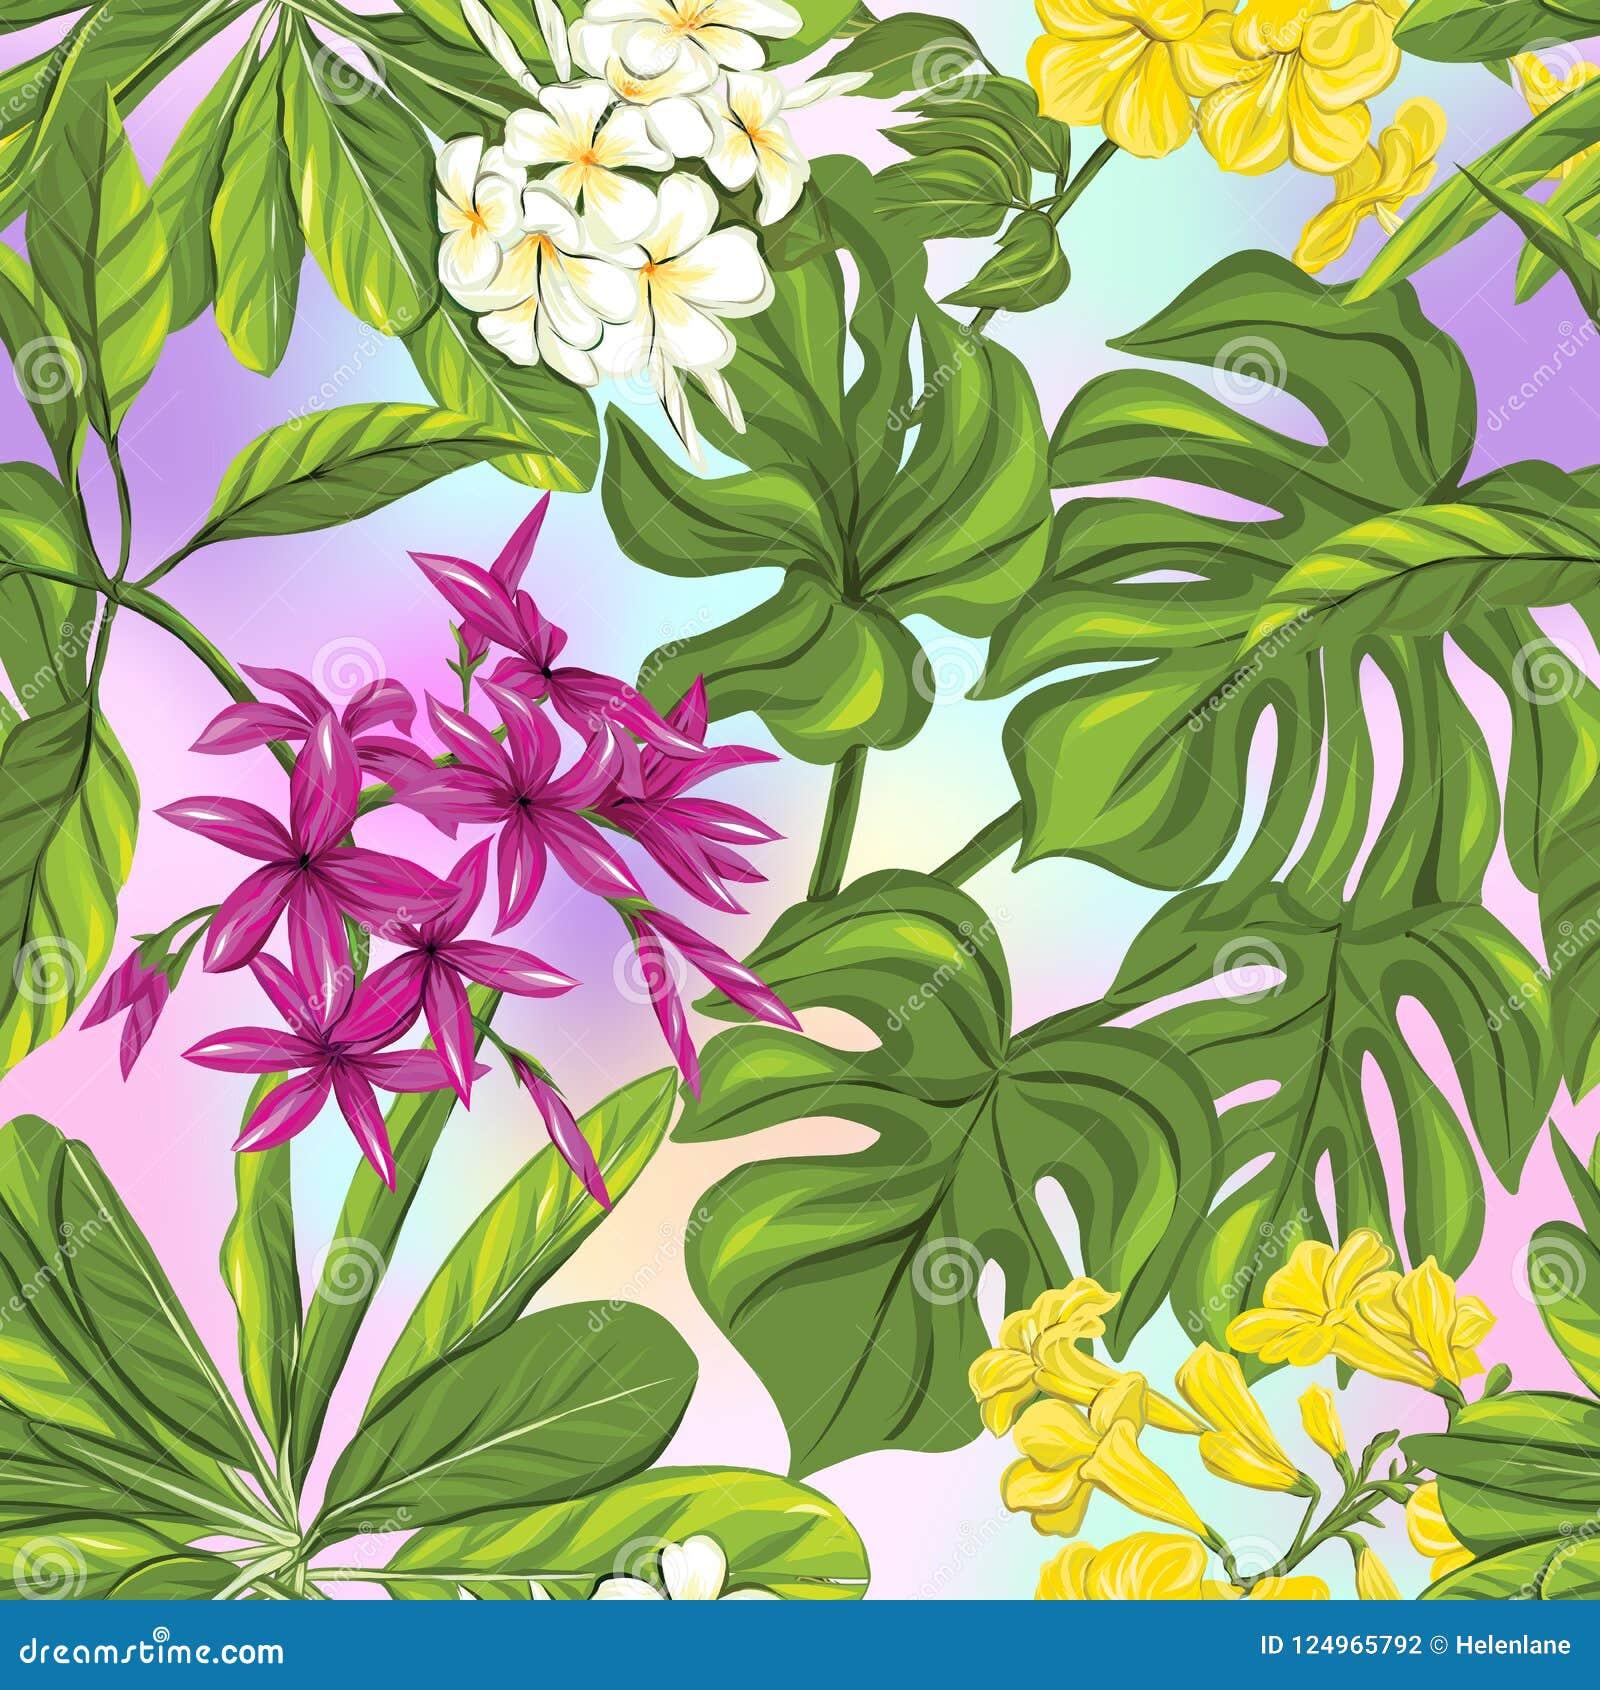 无缝的样式,与热带植物的背景:monstera,鹤望兰,九重葛,